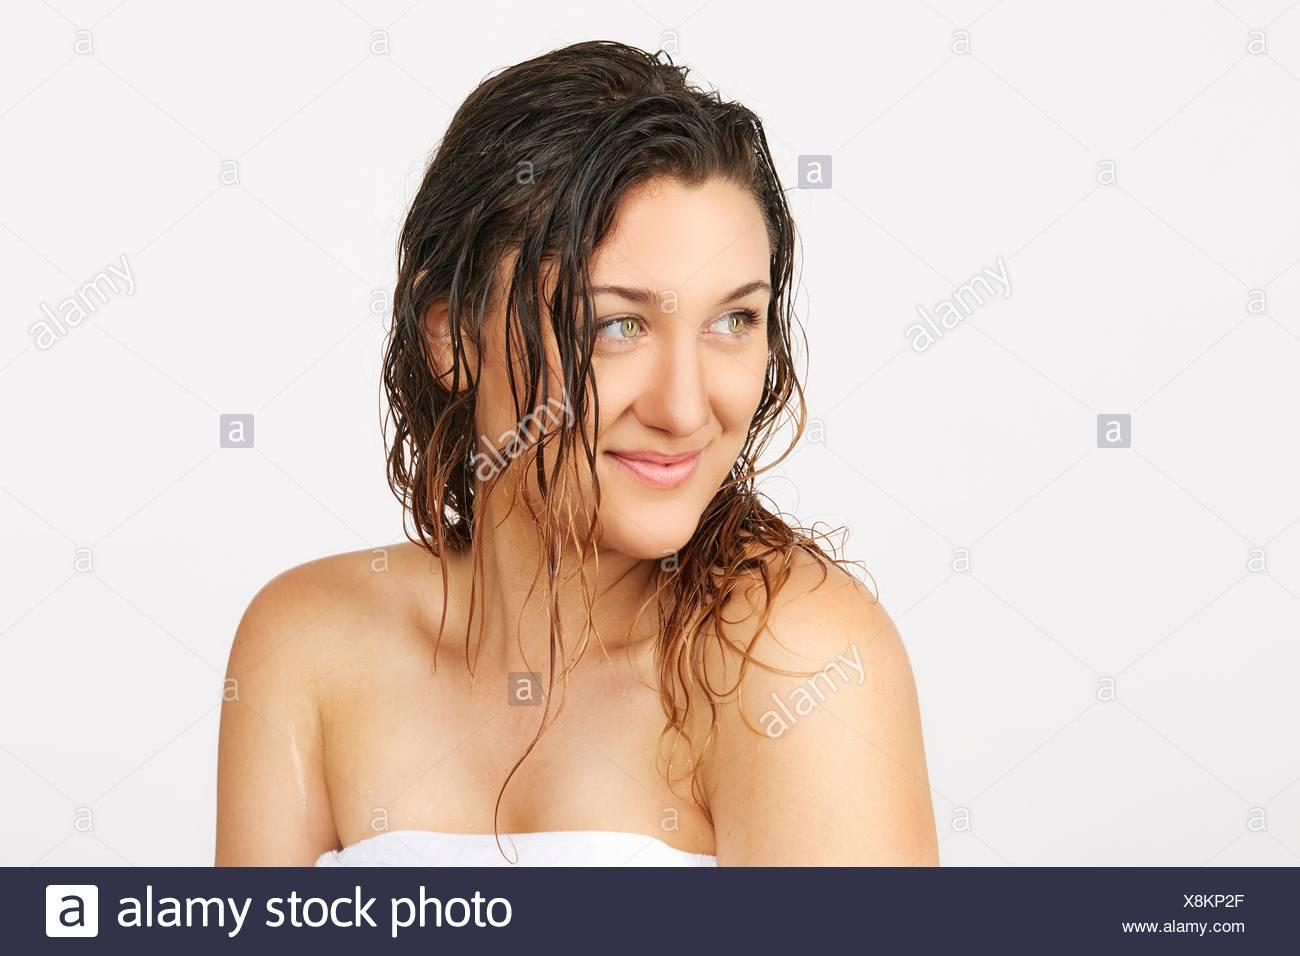 Jeune femme avec des cheveux humides portant serviette Photo Stock